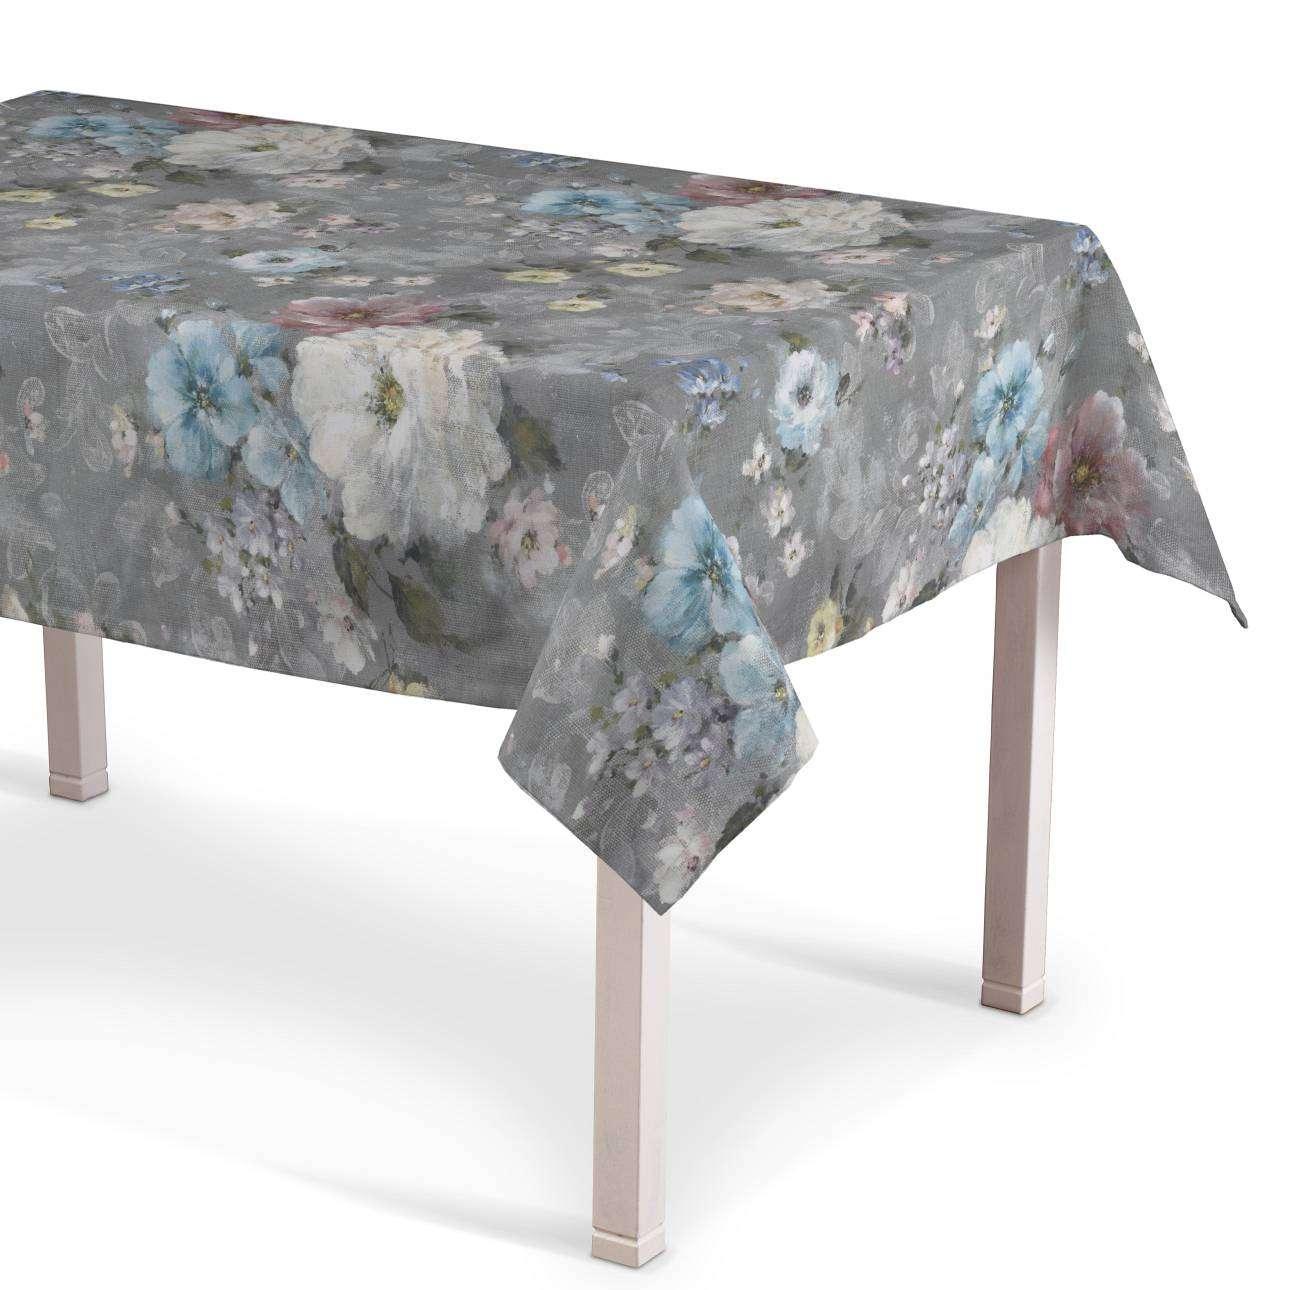 Obrus na stôl obdĺžnikový 130 x 130 cm V kolekcii Monet, tkanina: 137-81